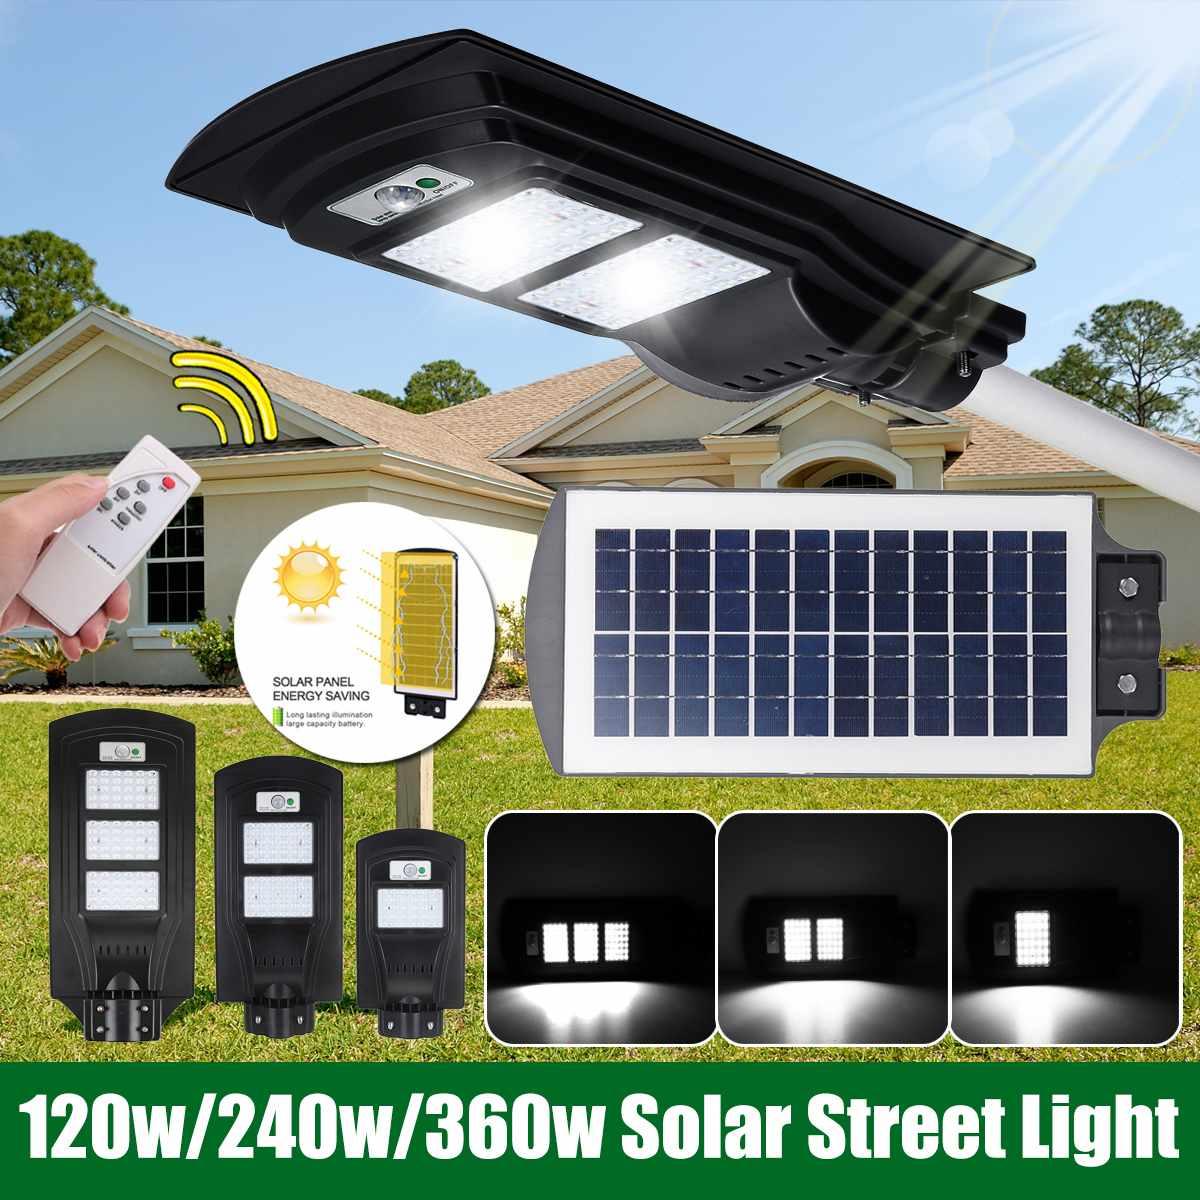 120W/240W/360W Solar Street Light…